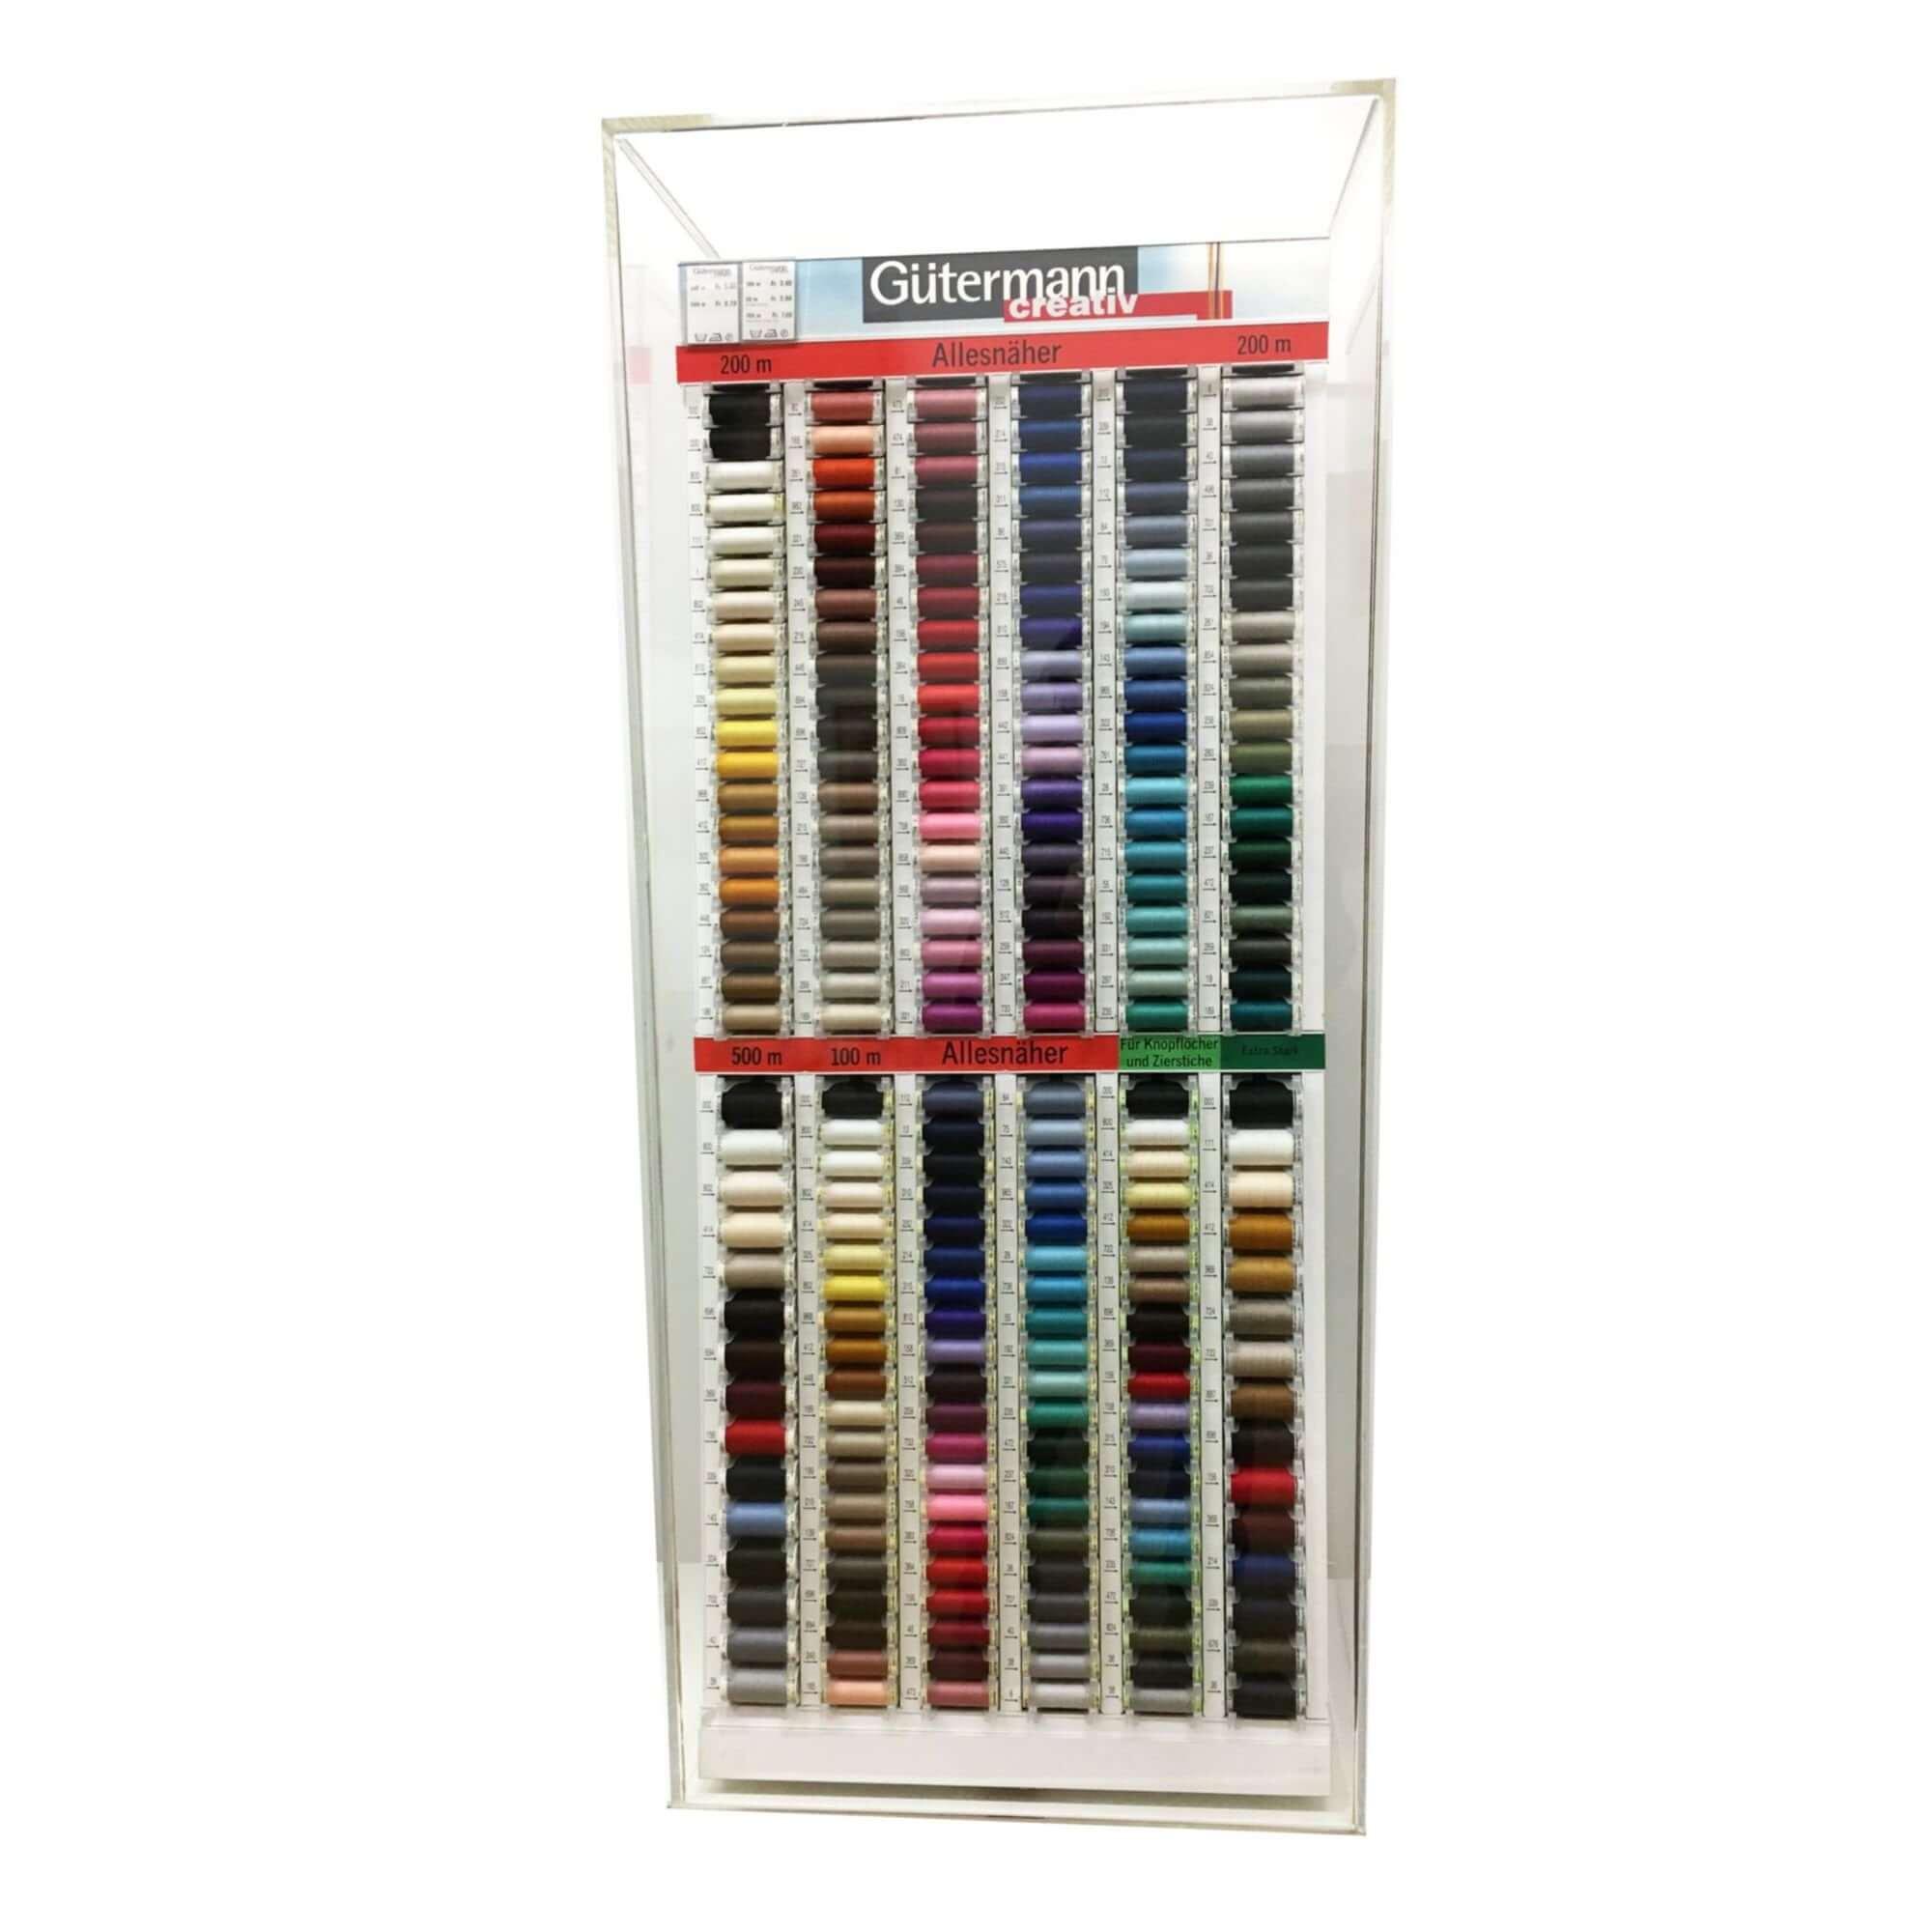 Abdeckung aus Acrylglas (für Museum) geklebt poliert Verbindungstechnik kiste abdeckung schutz hüllen KISTEN abdeckungen schutzabdeckung hülle deckel acrylglas plexiglas kunststoff